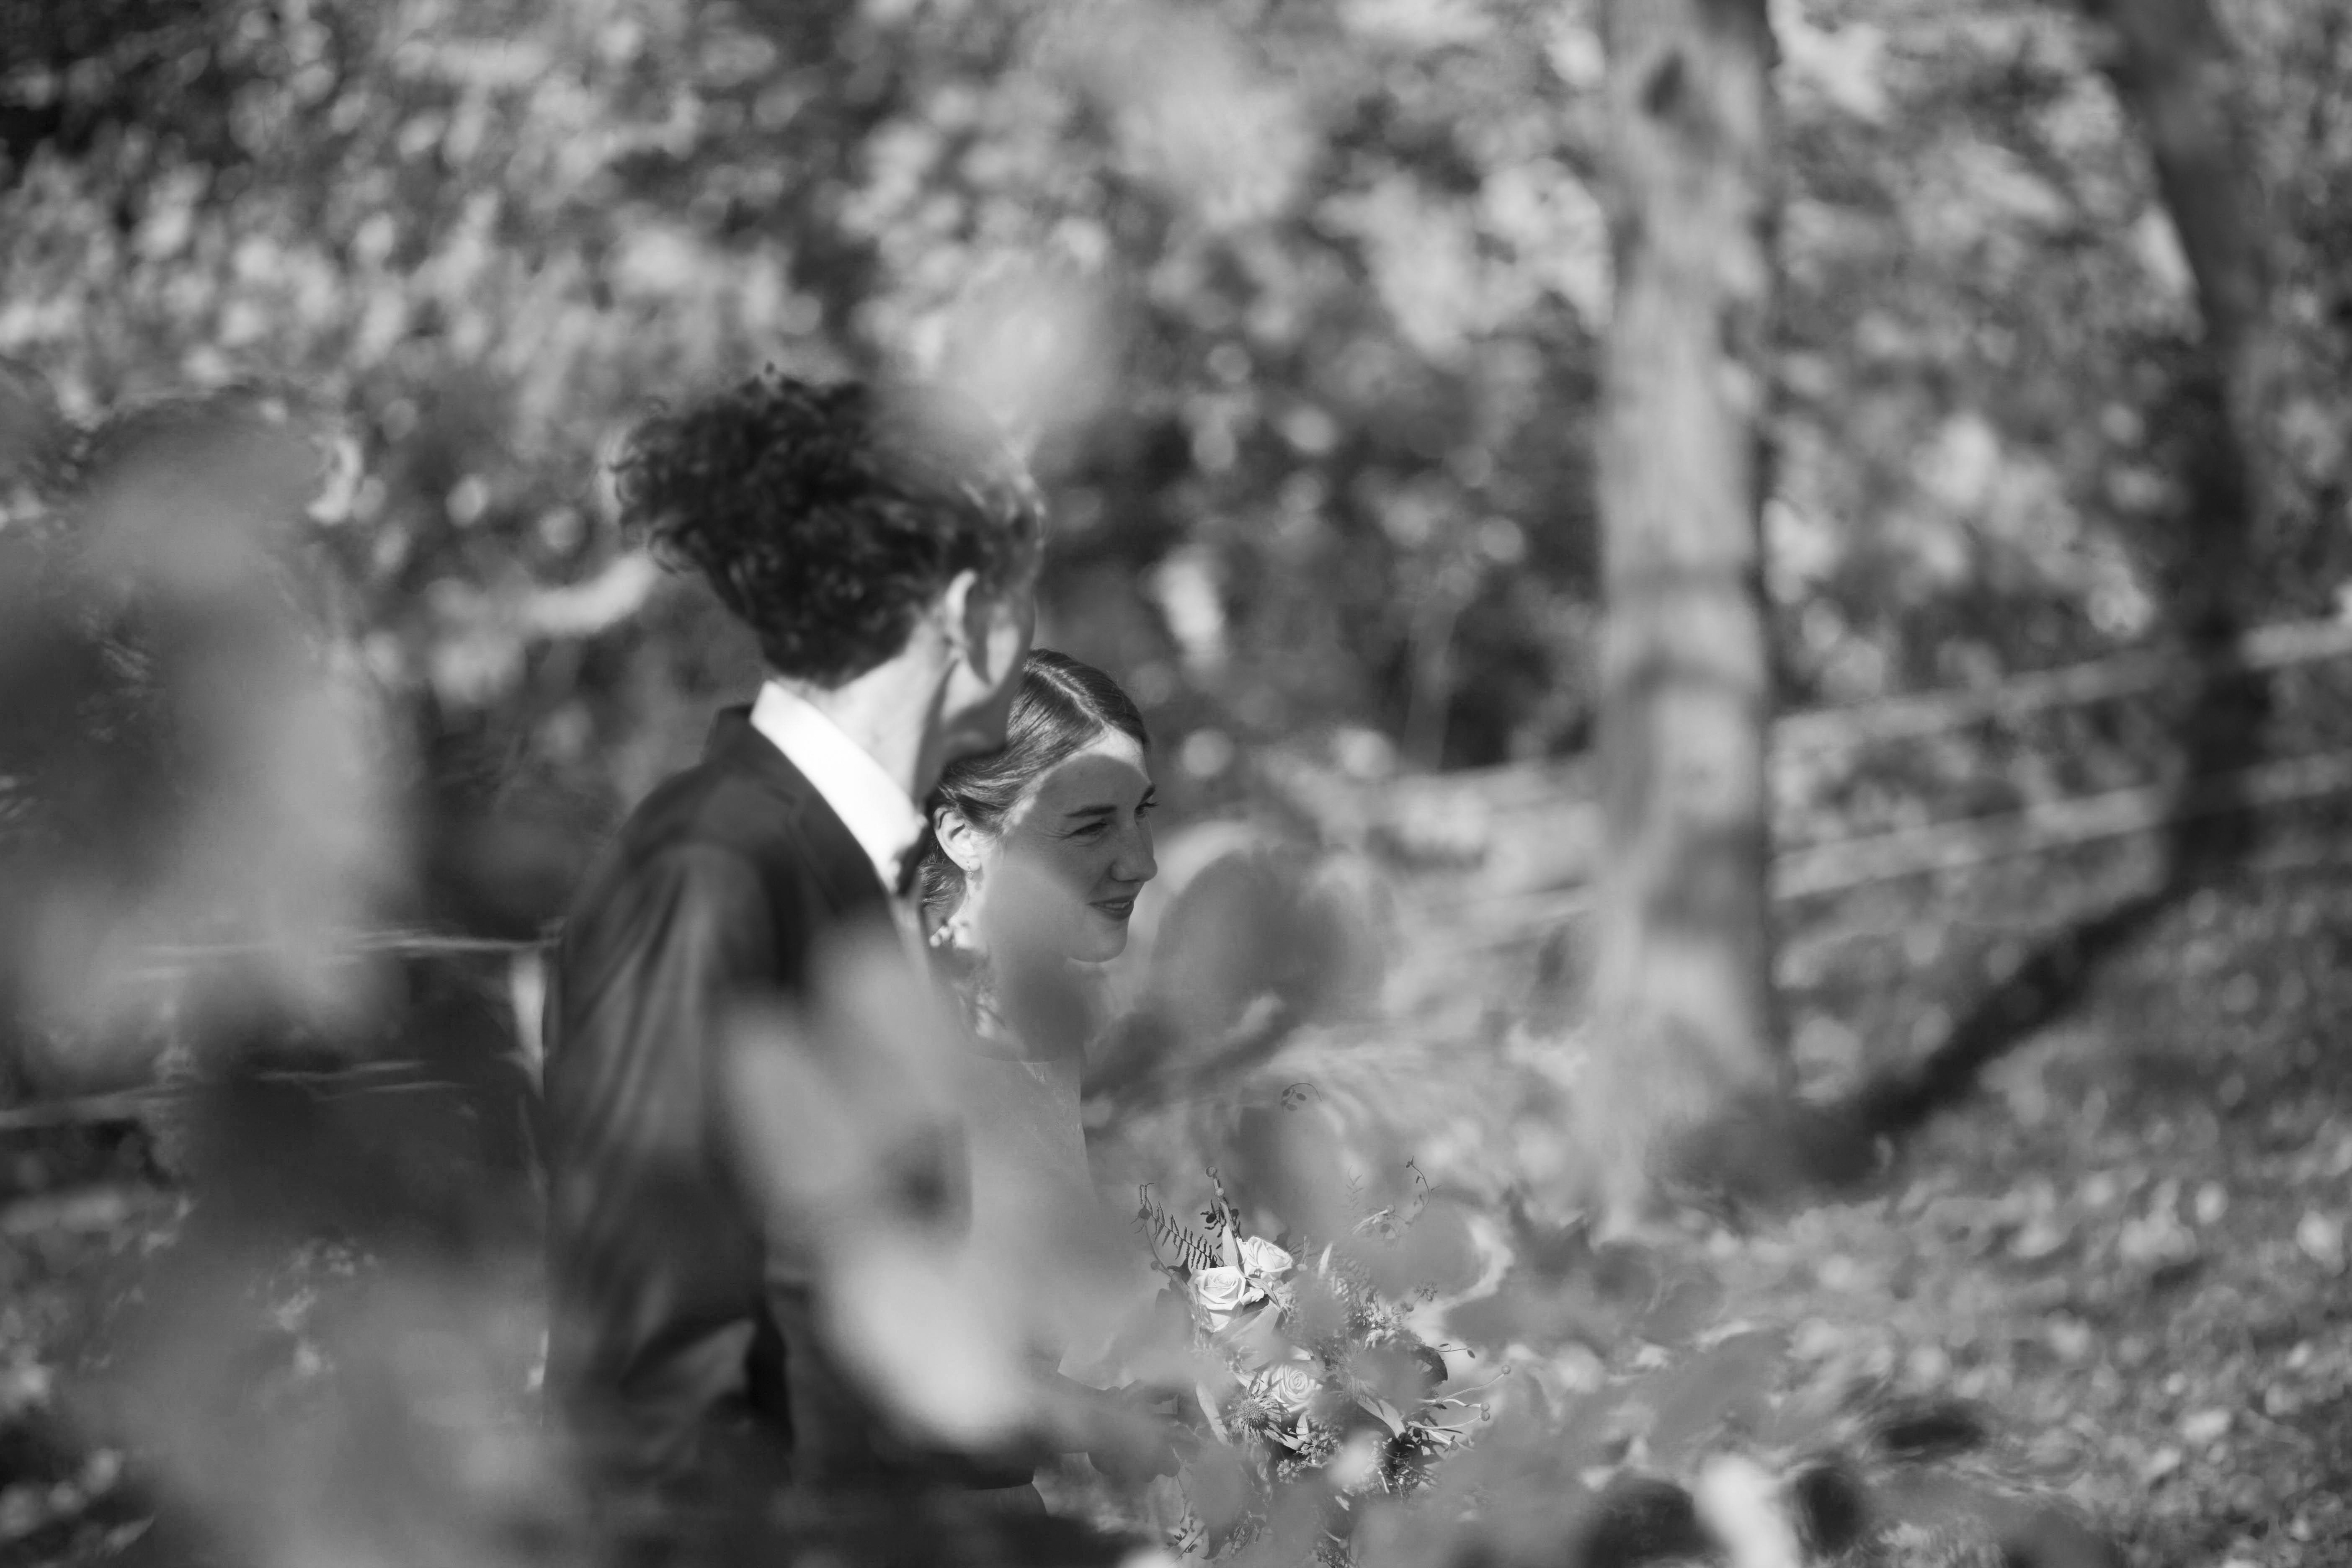 HochzeitsreportageLeipzig9